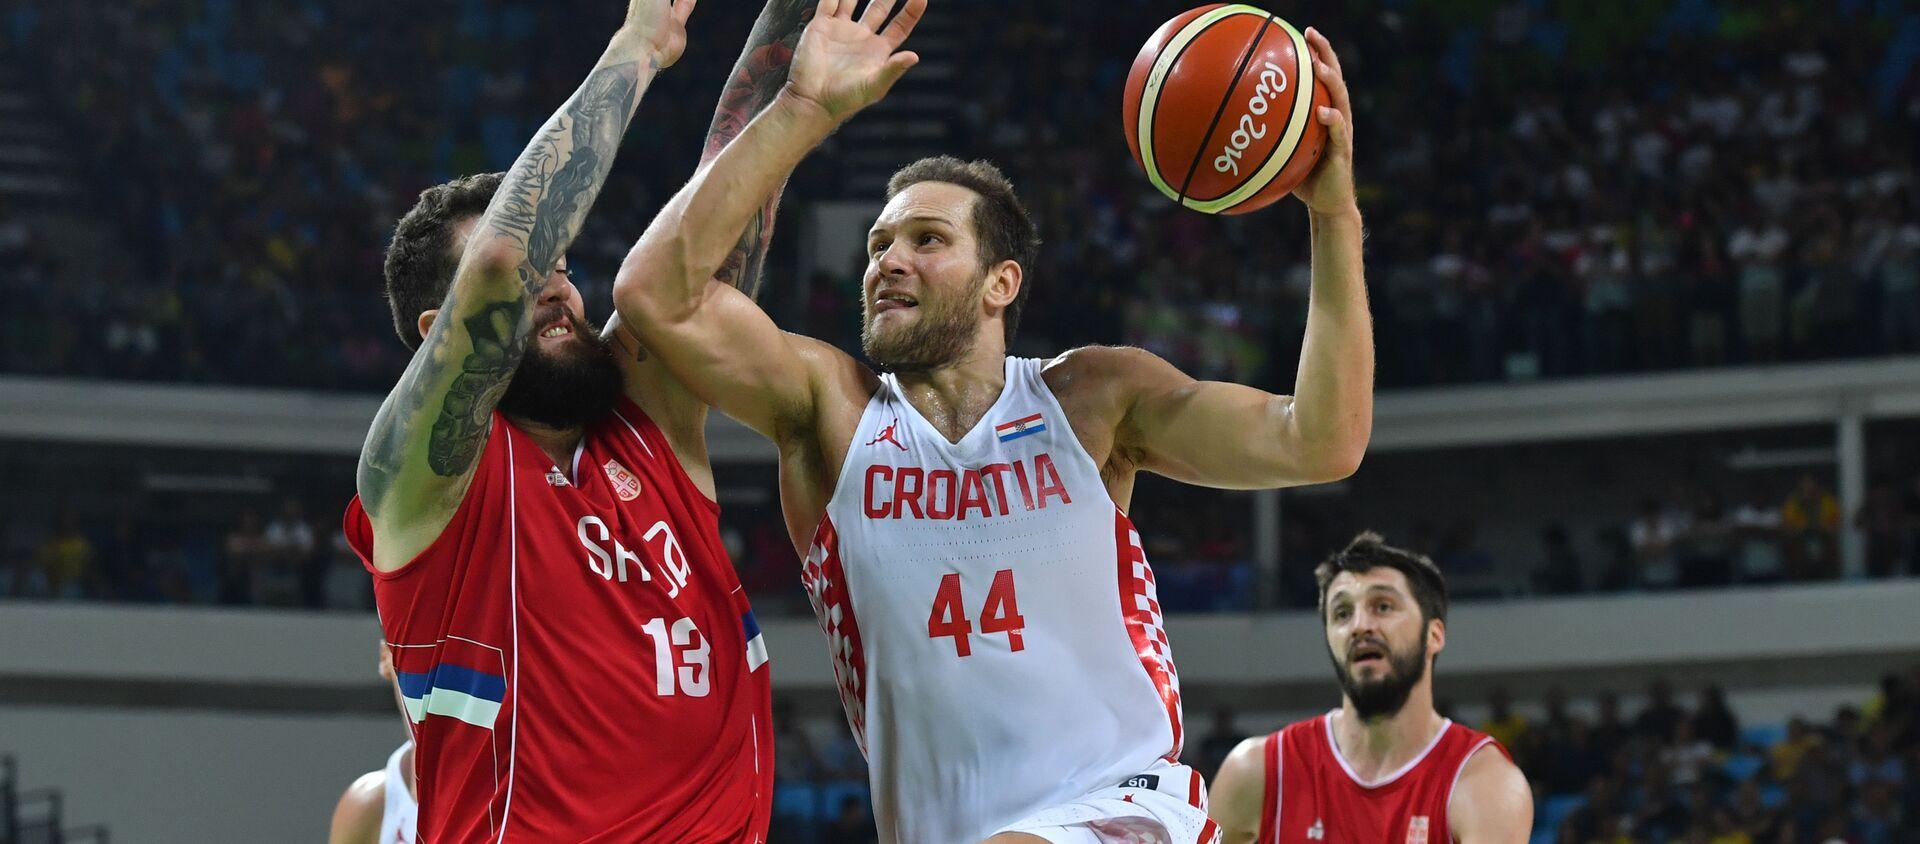 Србија, Хрватска кошарка - Sputnik Србија, 1920, 02.03.2021